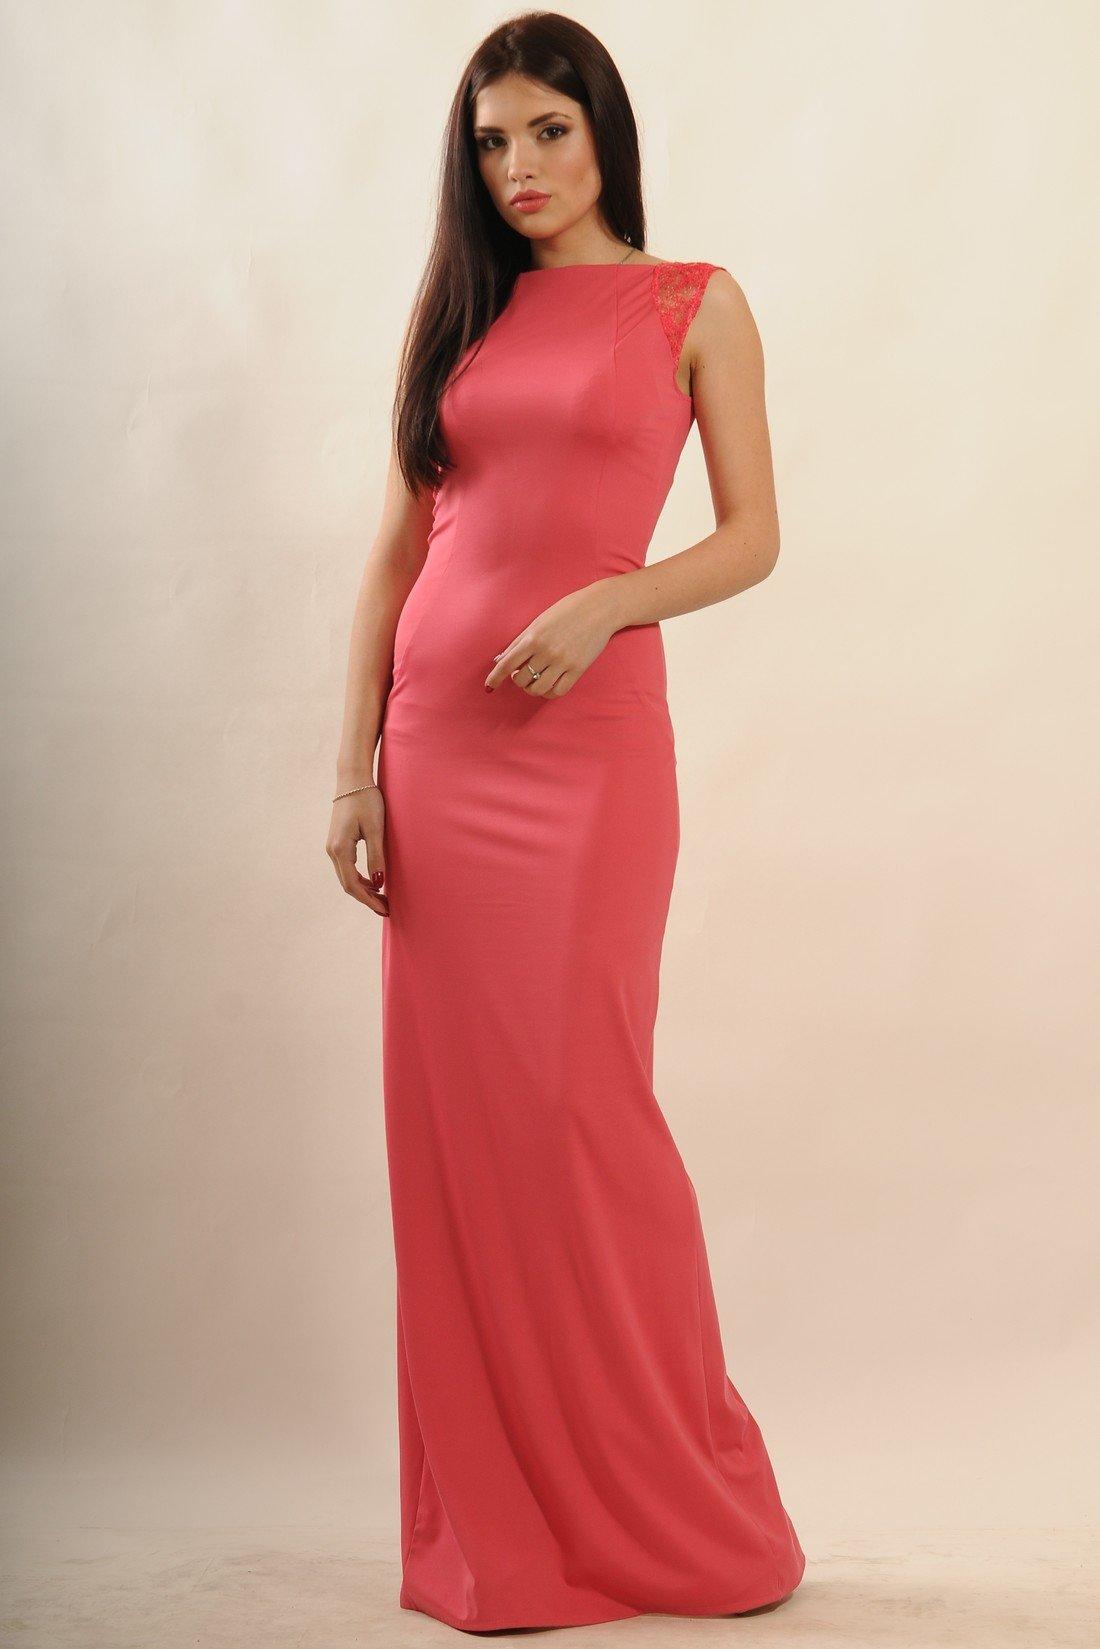 df99e62f136 Коралловое вечернее платье в пол Венеция - купить недорого — Donna ...